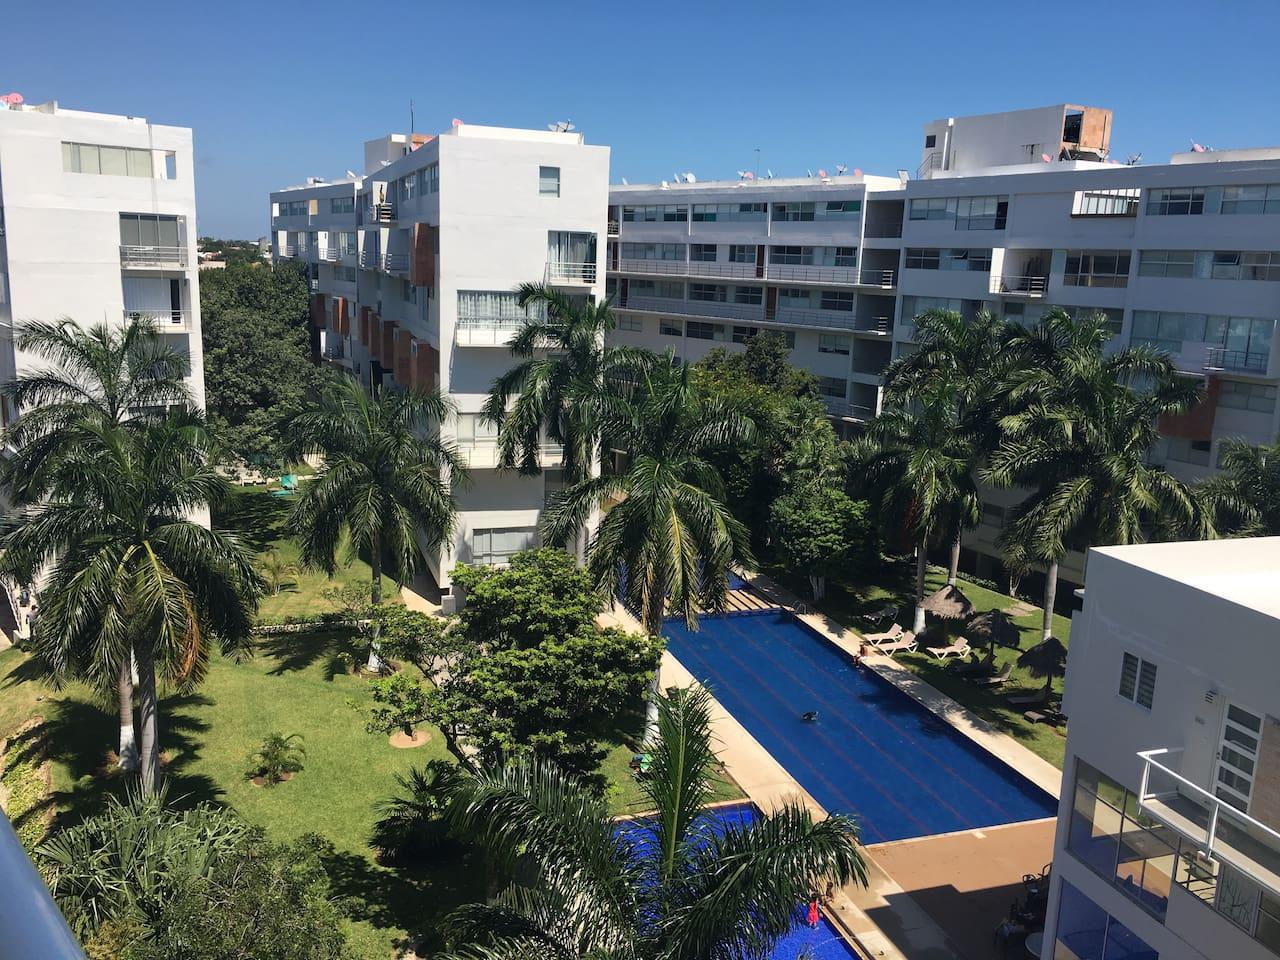 Vista de las albercas desde el balcón / View of the pools from the balcony